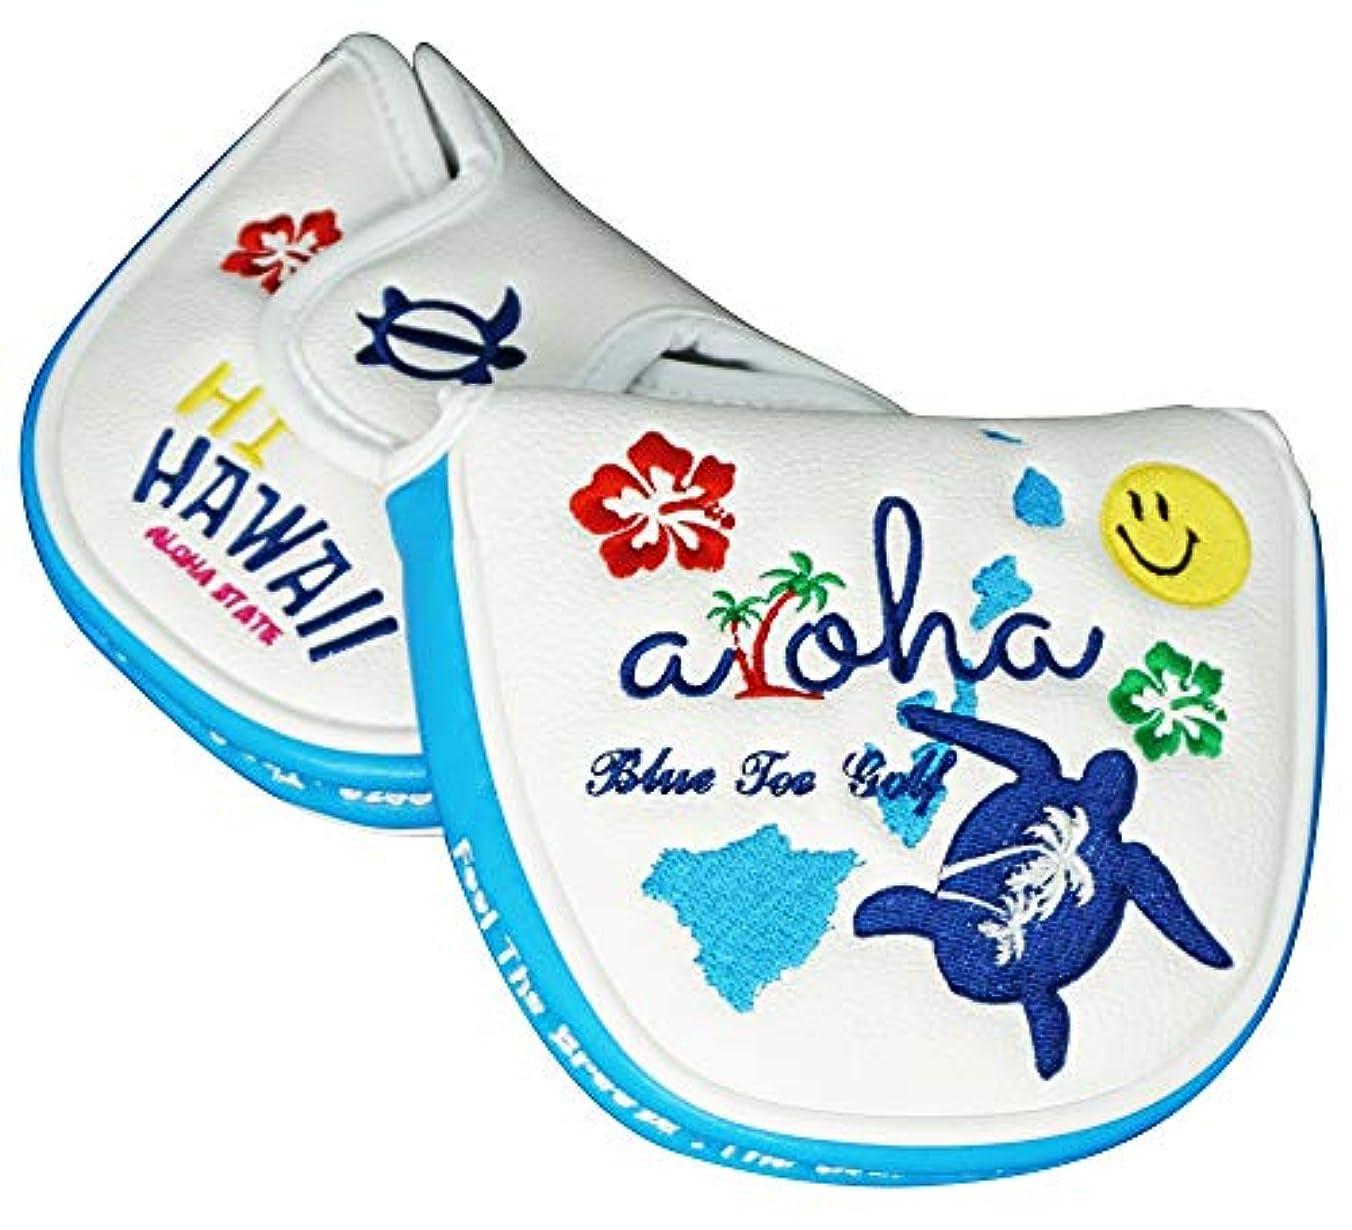 葉を集める同意食堂☆ブルーティーゴルフ BLUE TEE GOLF California 【Hi-Hawaii ハイ ハワイ】マレット型パター ヘッドカバー